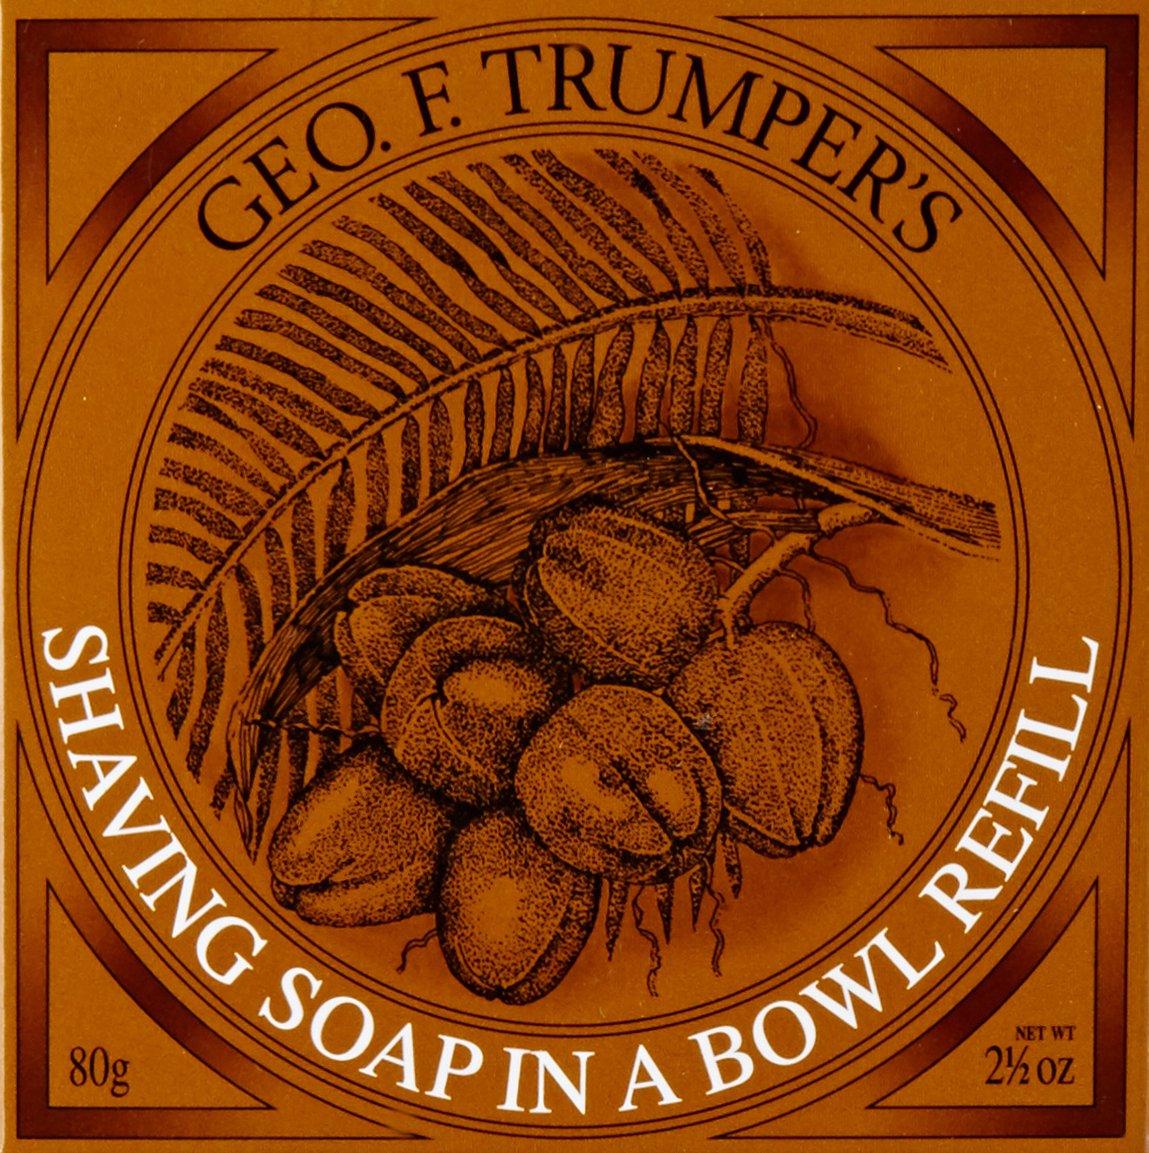 Geo F Trumper Coconut Shaving Soap Refill (80g) W094080